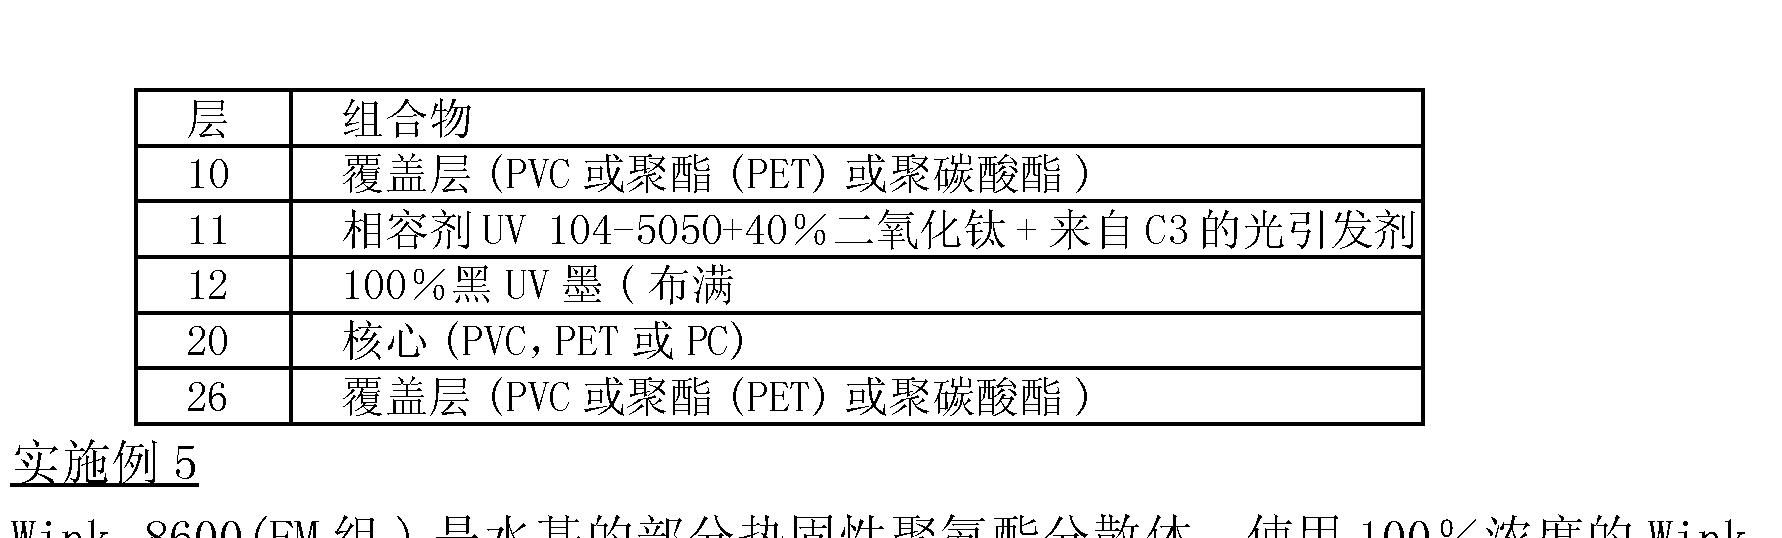 Figure CN101573242BD00182